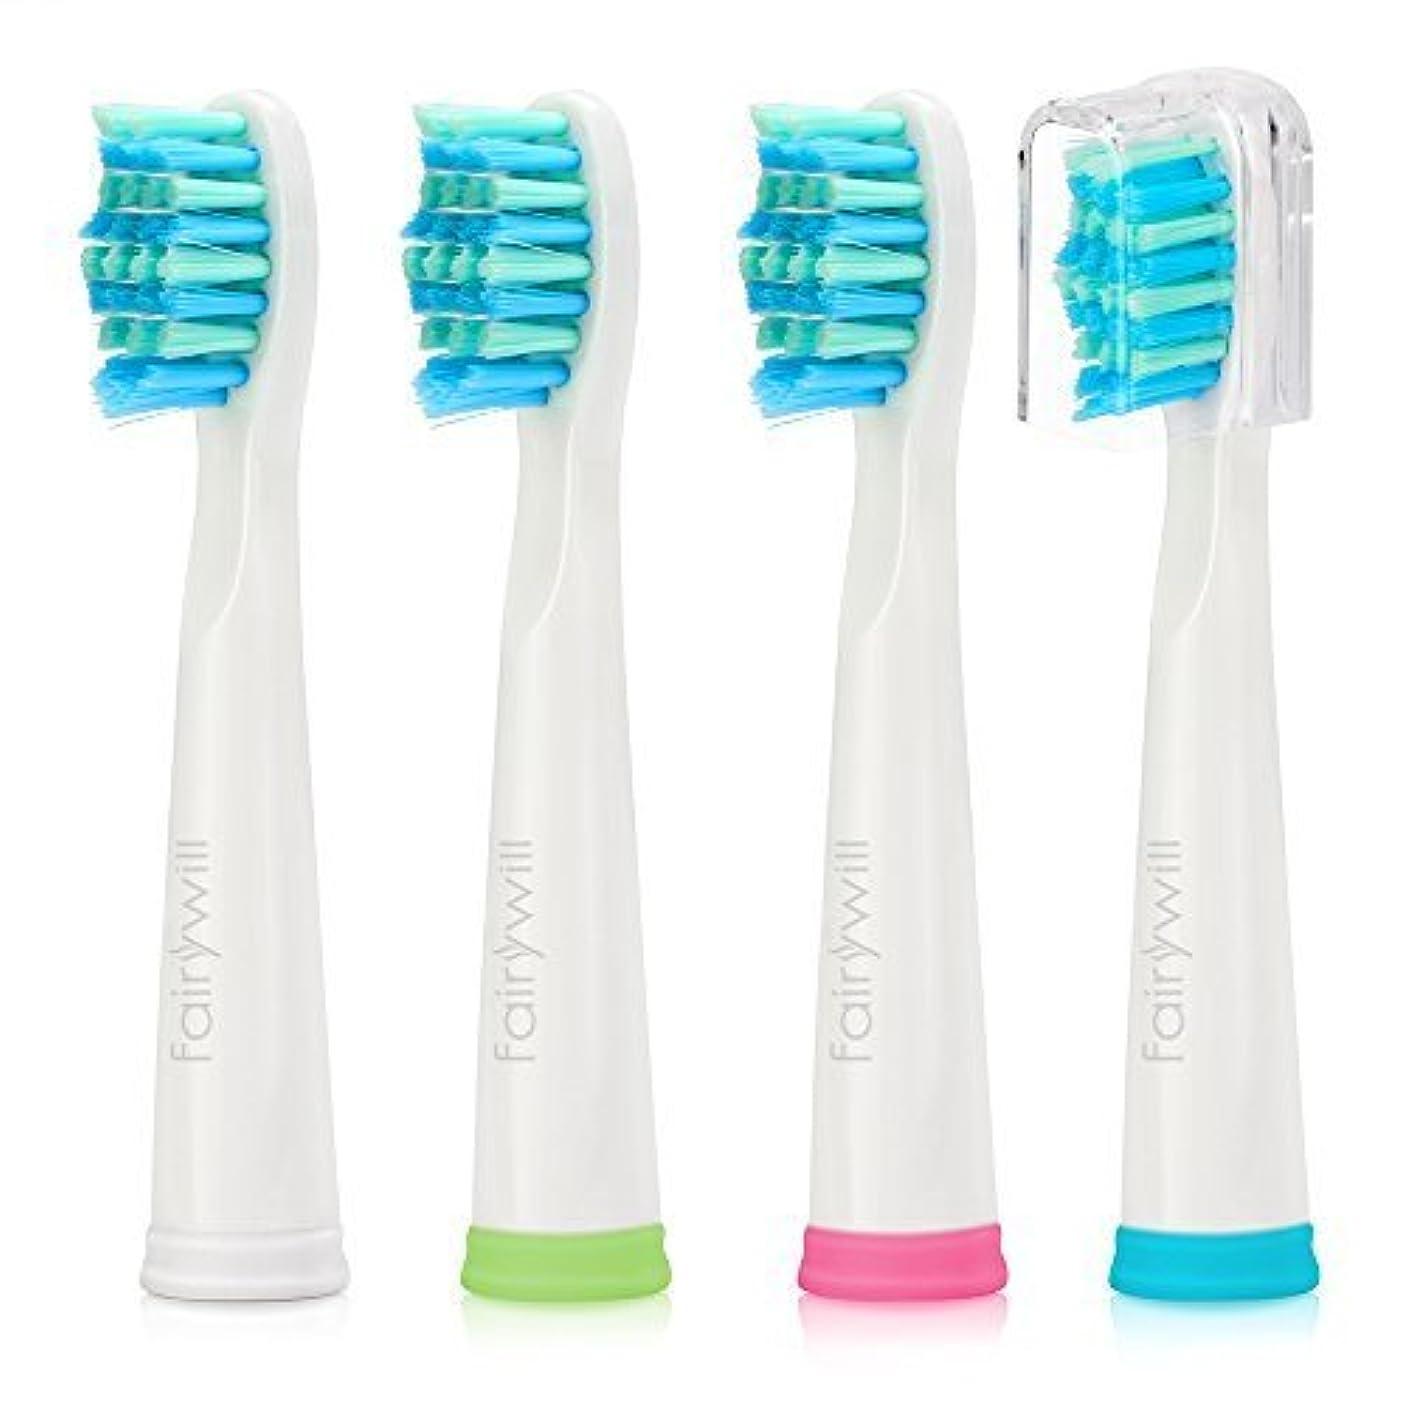 バリー入浴最大限Fairywill 電動歯ブラシ用 替ブラシ 4本入 互換ブラシ ブラシヘッド やわらかめ BH01